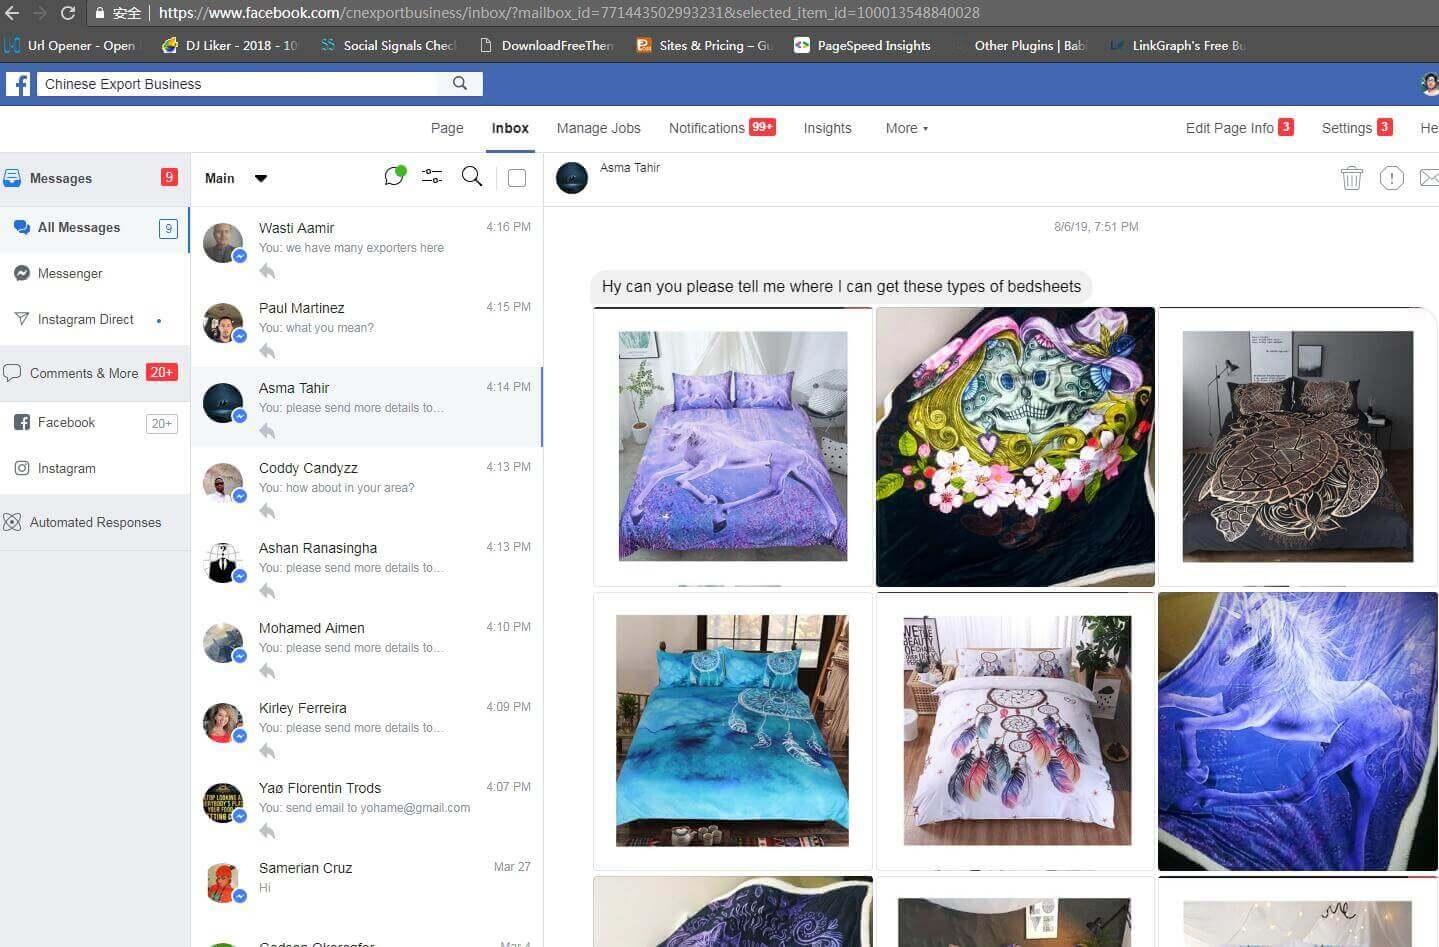 外贸产品Web2.0及社会化网站再发布分享服务